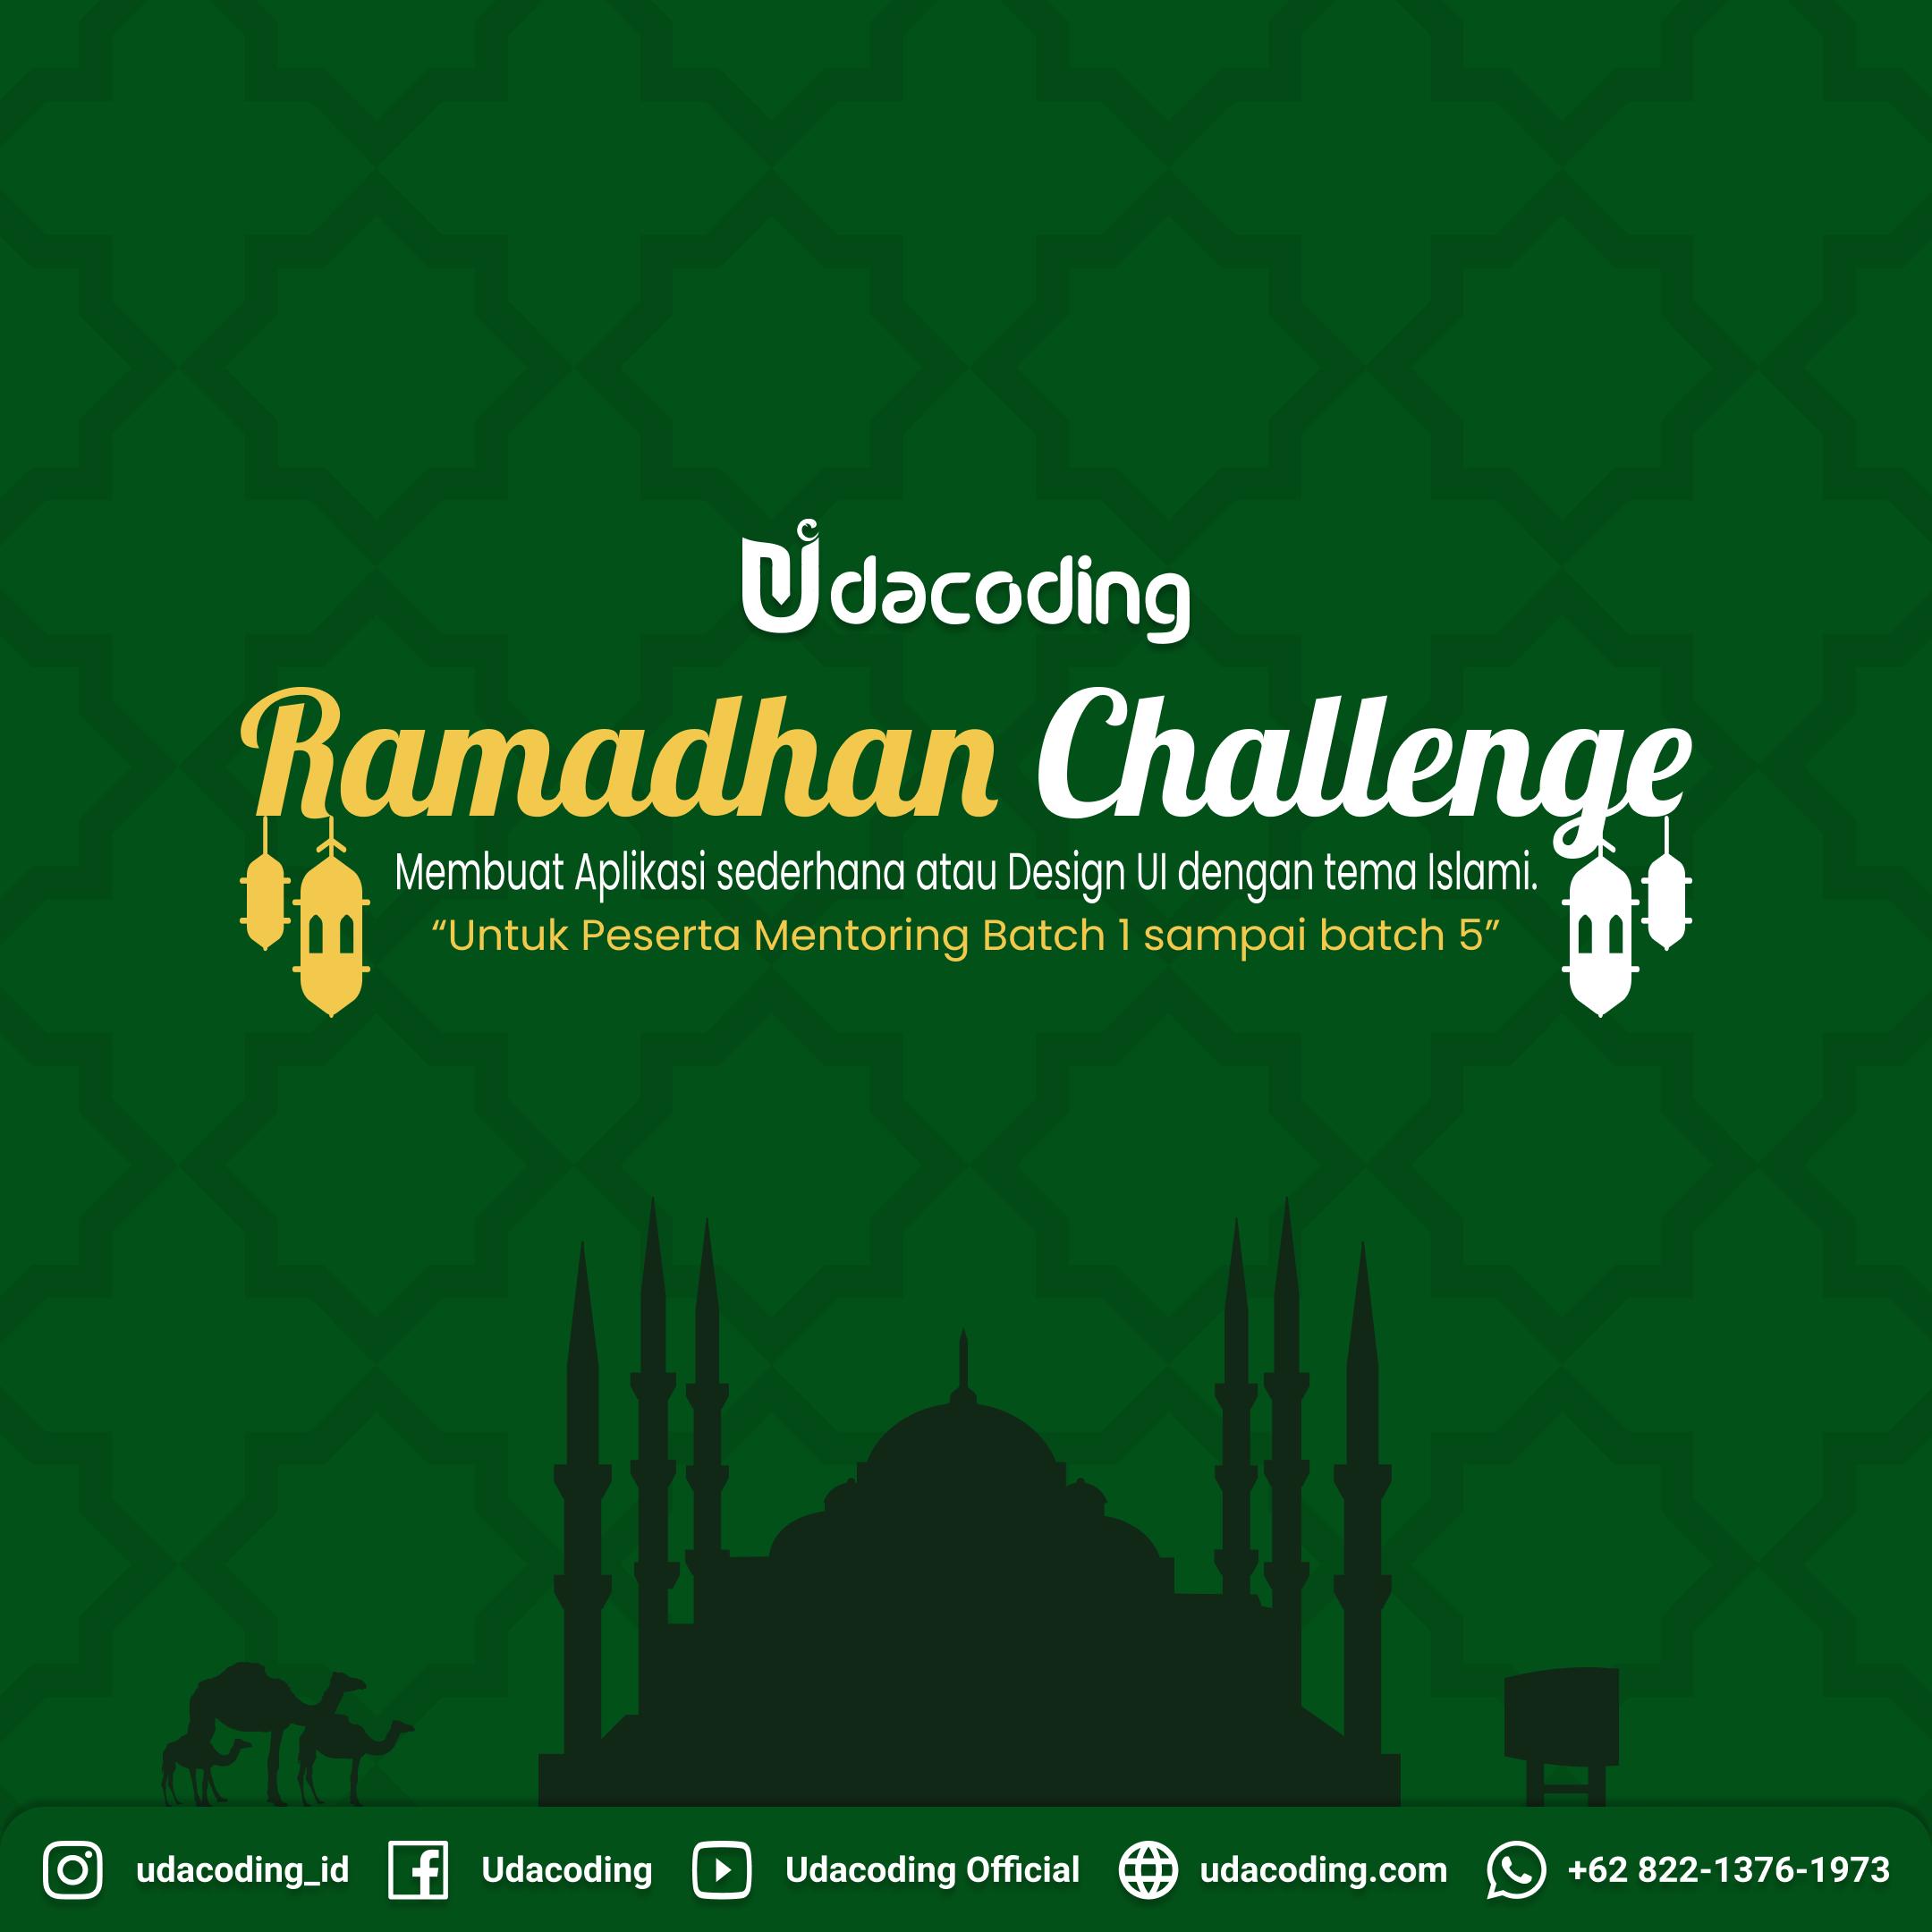 UDACODING RAMADHAN CHALLENGE